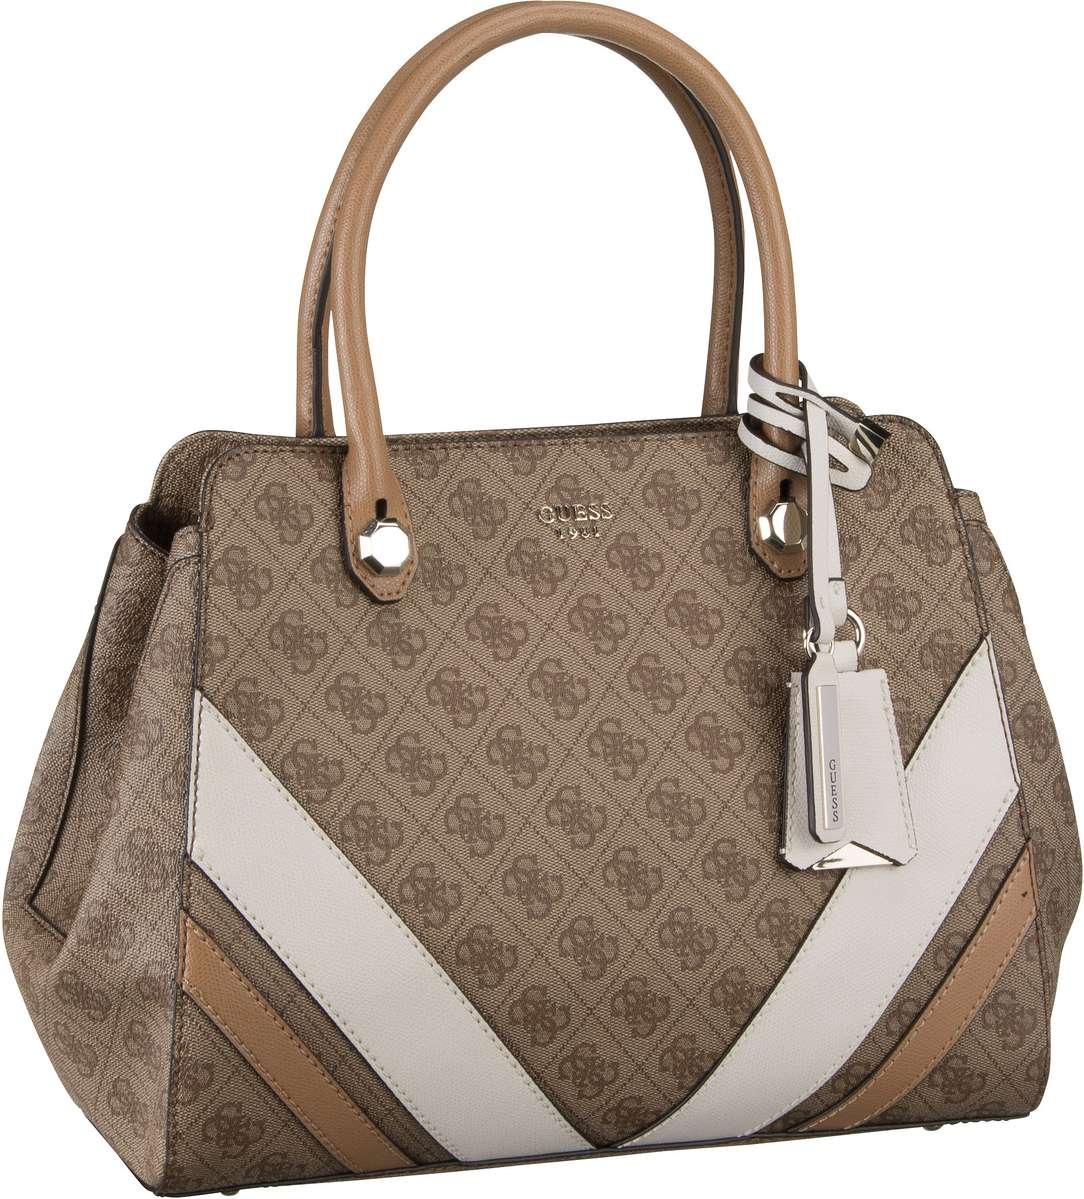 Guess Slater Girlfriend Satchel Brown - Handtasche